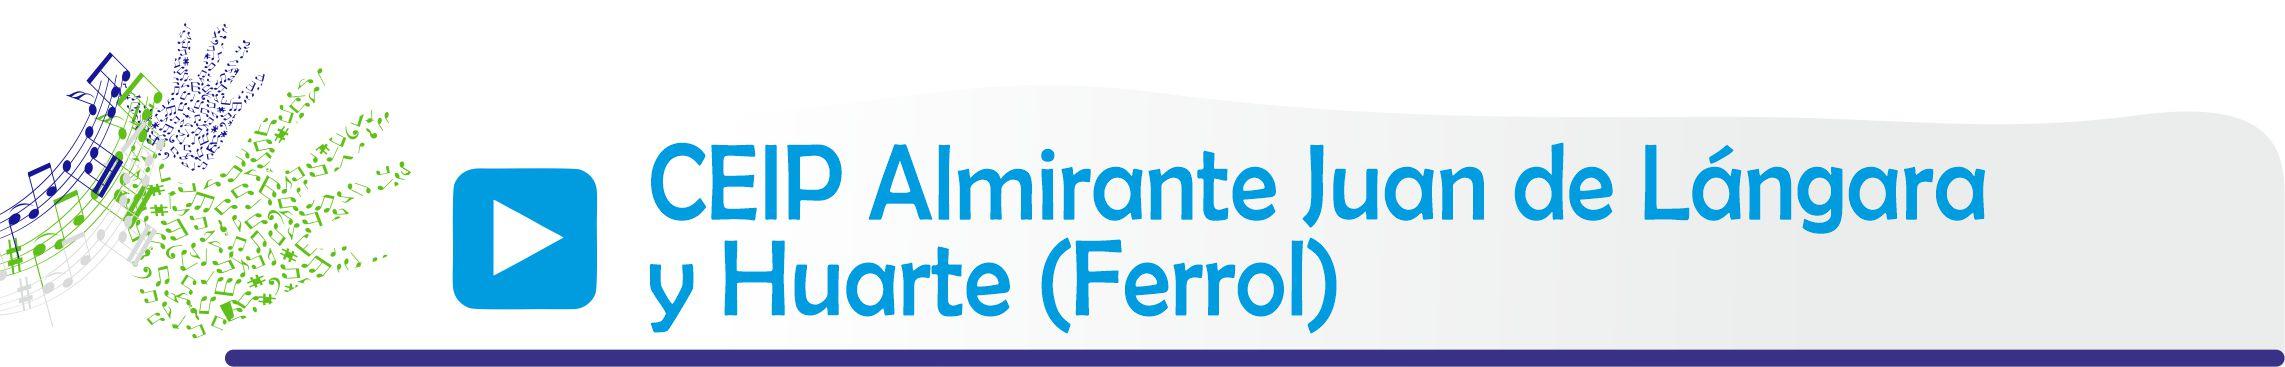 Banner Colegio 04